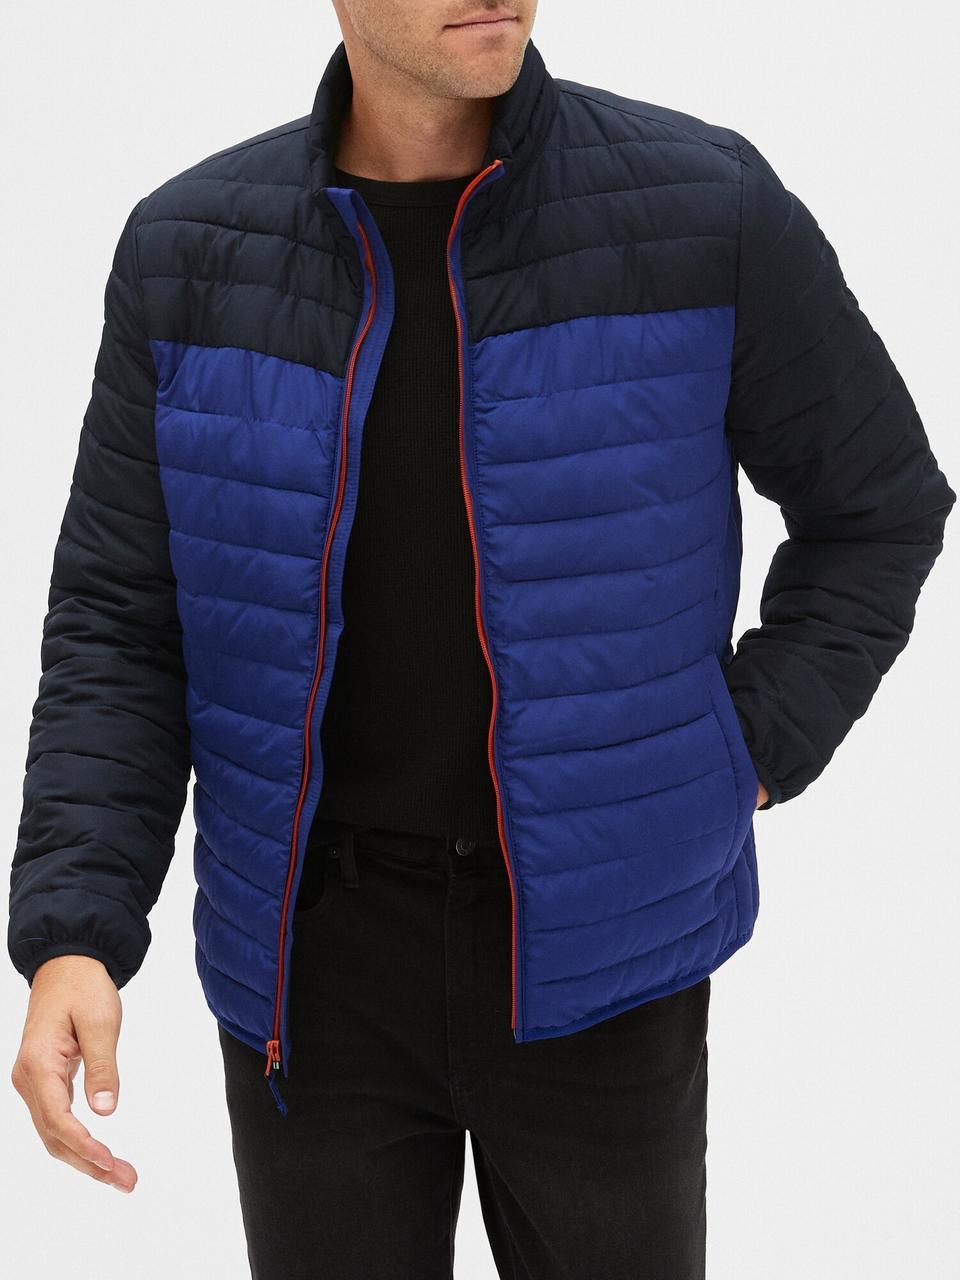 Мужская теплая куртка размер GAP мужские куртки бренд XXL